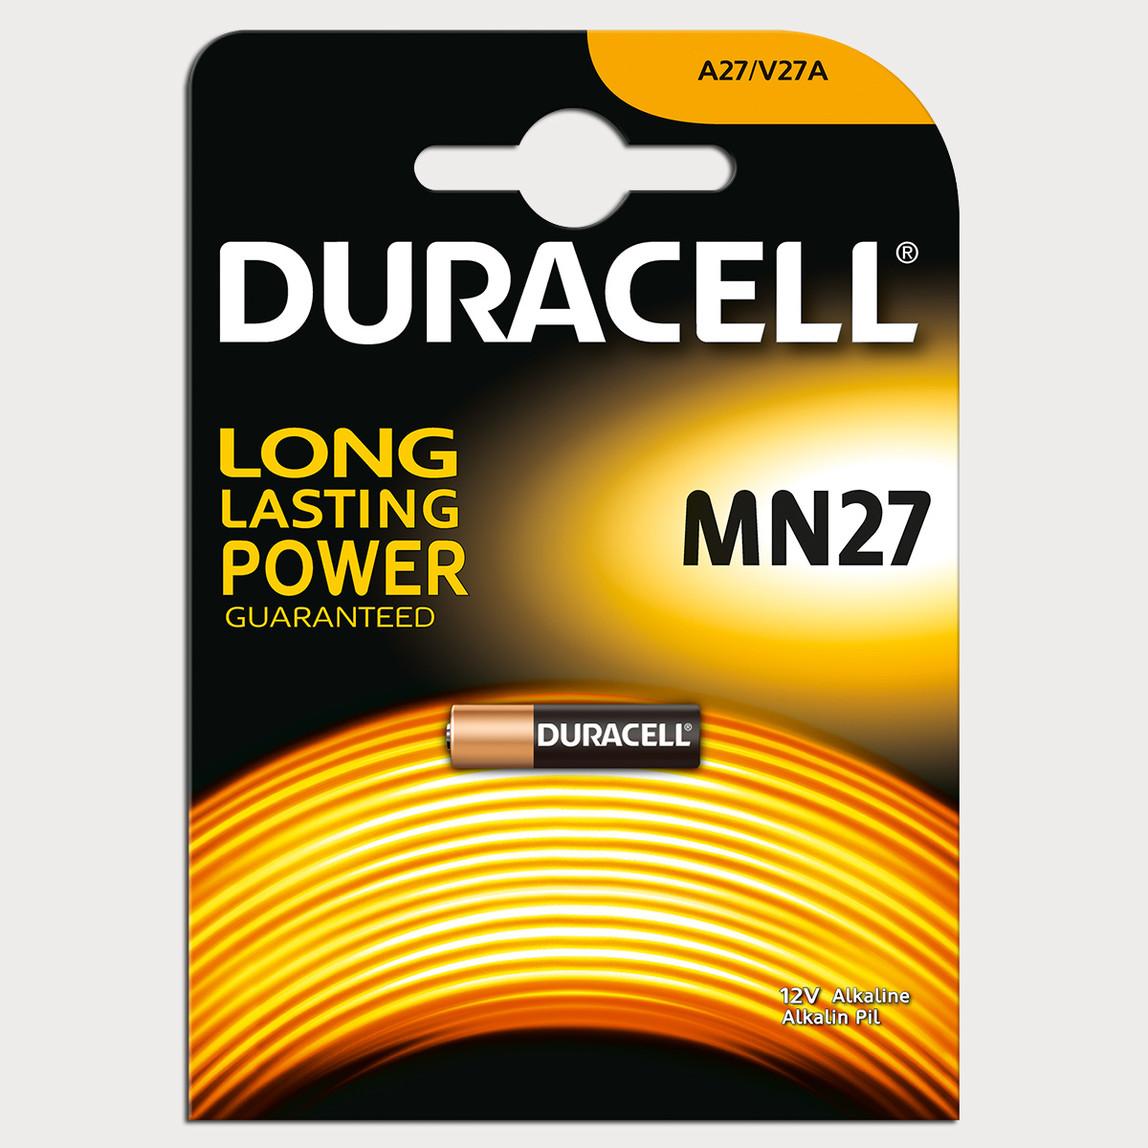 Duracell MN27 27A 12 Volt Alkaline Pil